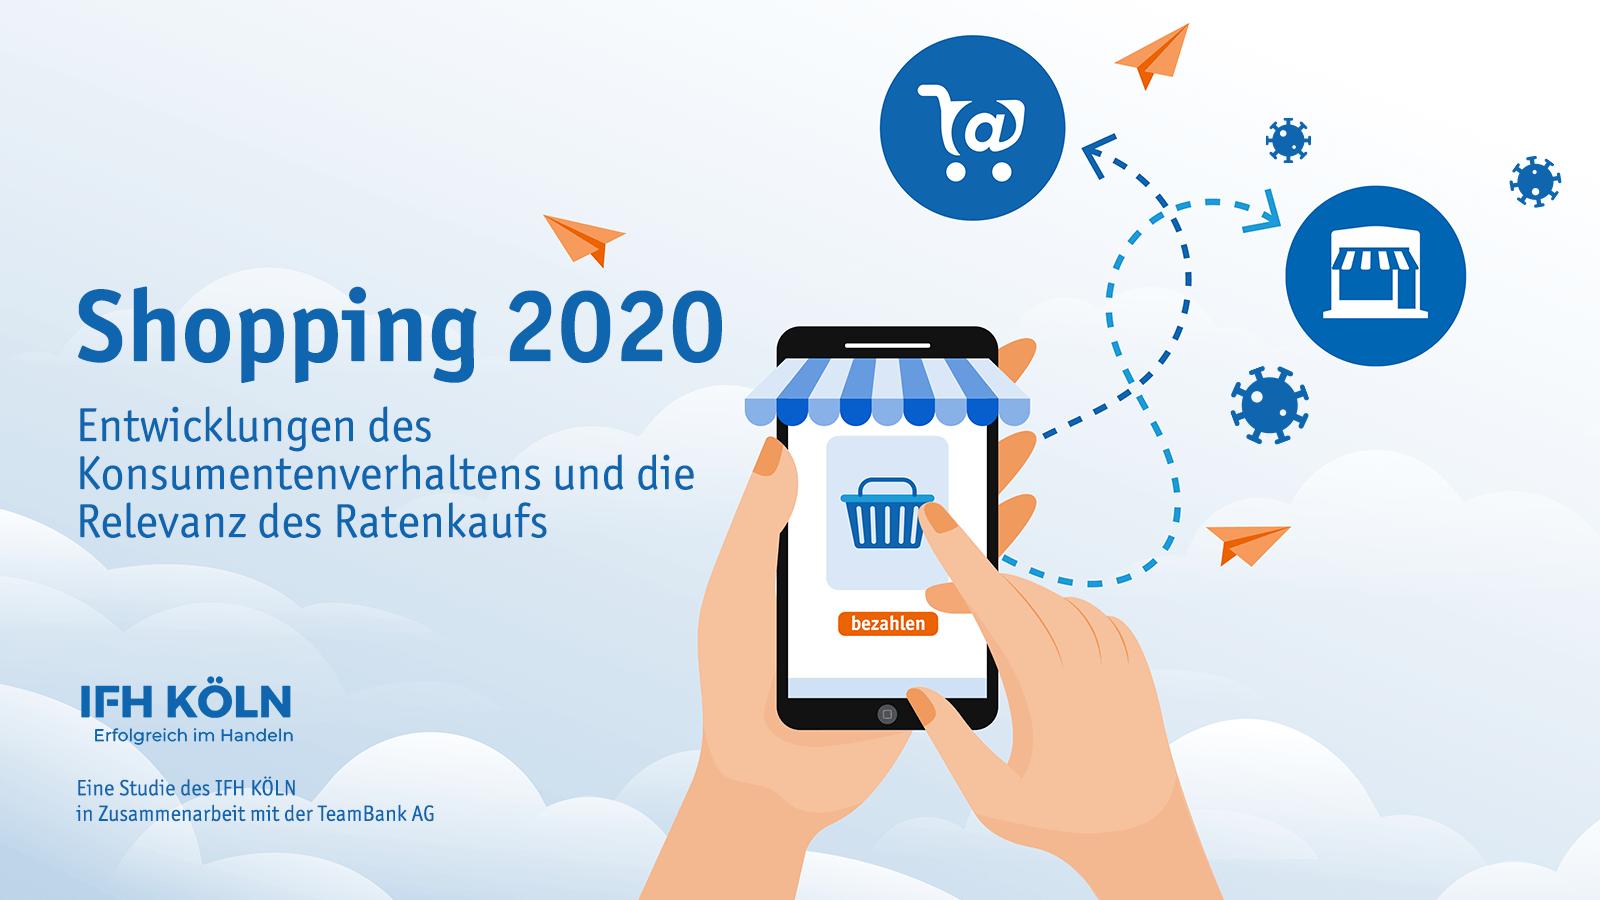 Shopping 2020 – Entwicklungen des Konsumentenverhaltens und die Relevanz des Ratenkaufs